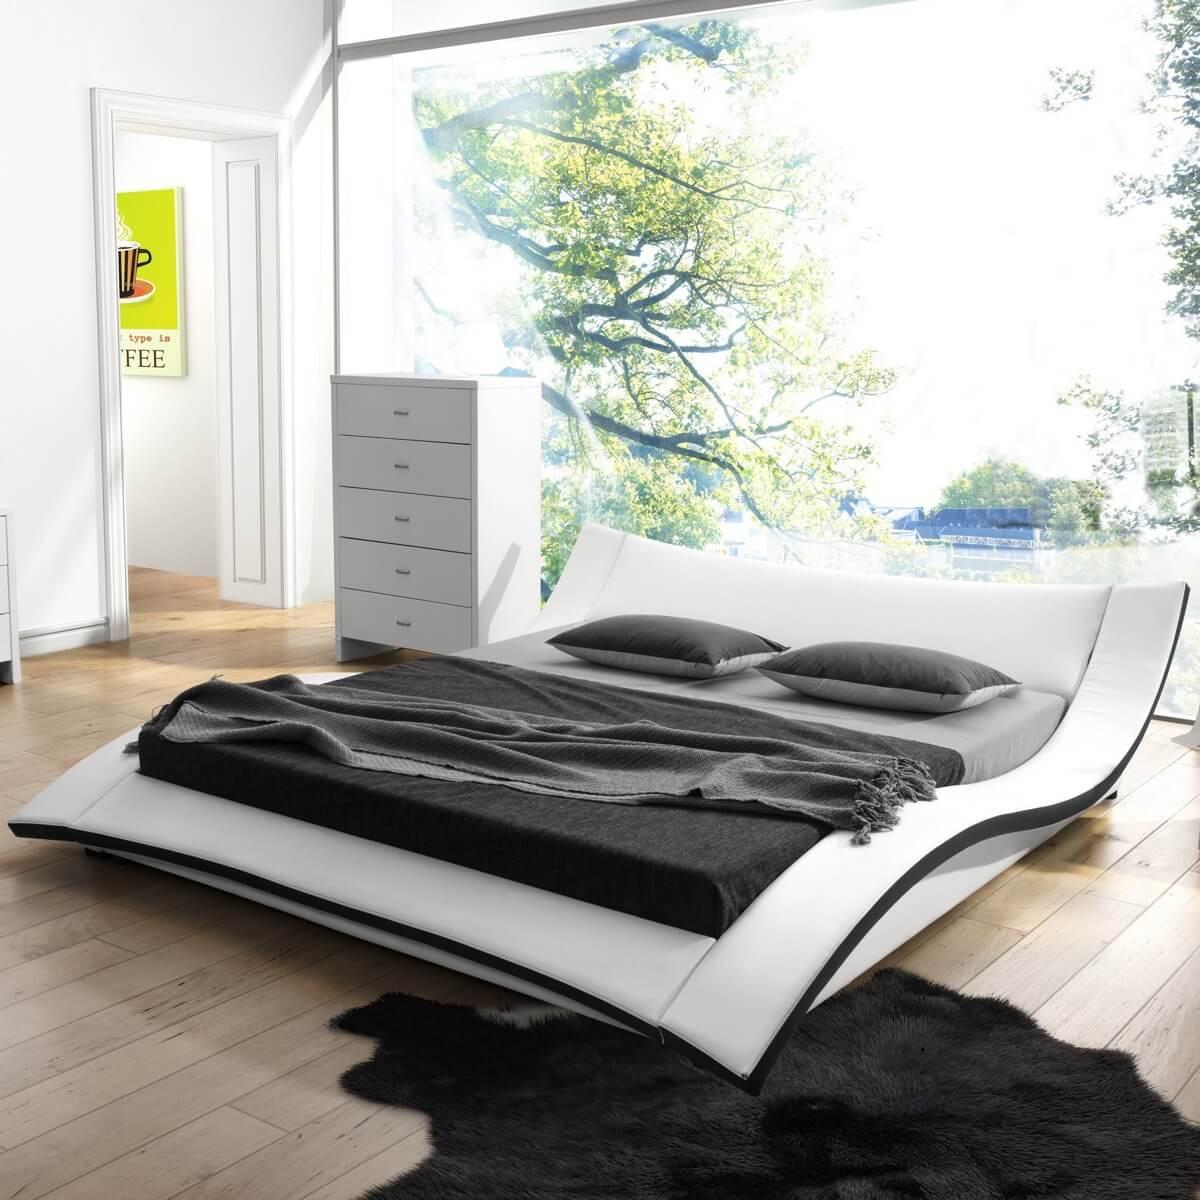 Lựa Chọn Giường Ngủ Độc Đáo Dành Cho Thiết Kế Thi Công Nội Thất Phòng Ngủ